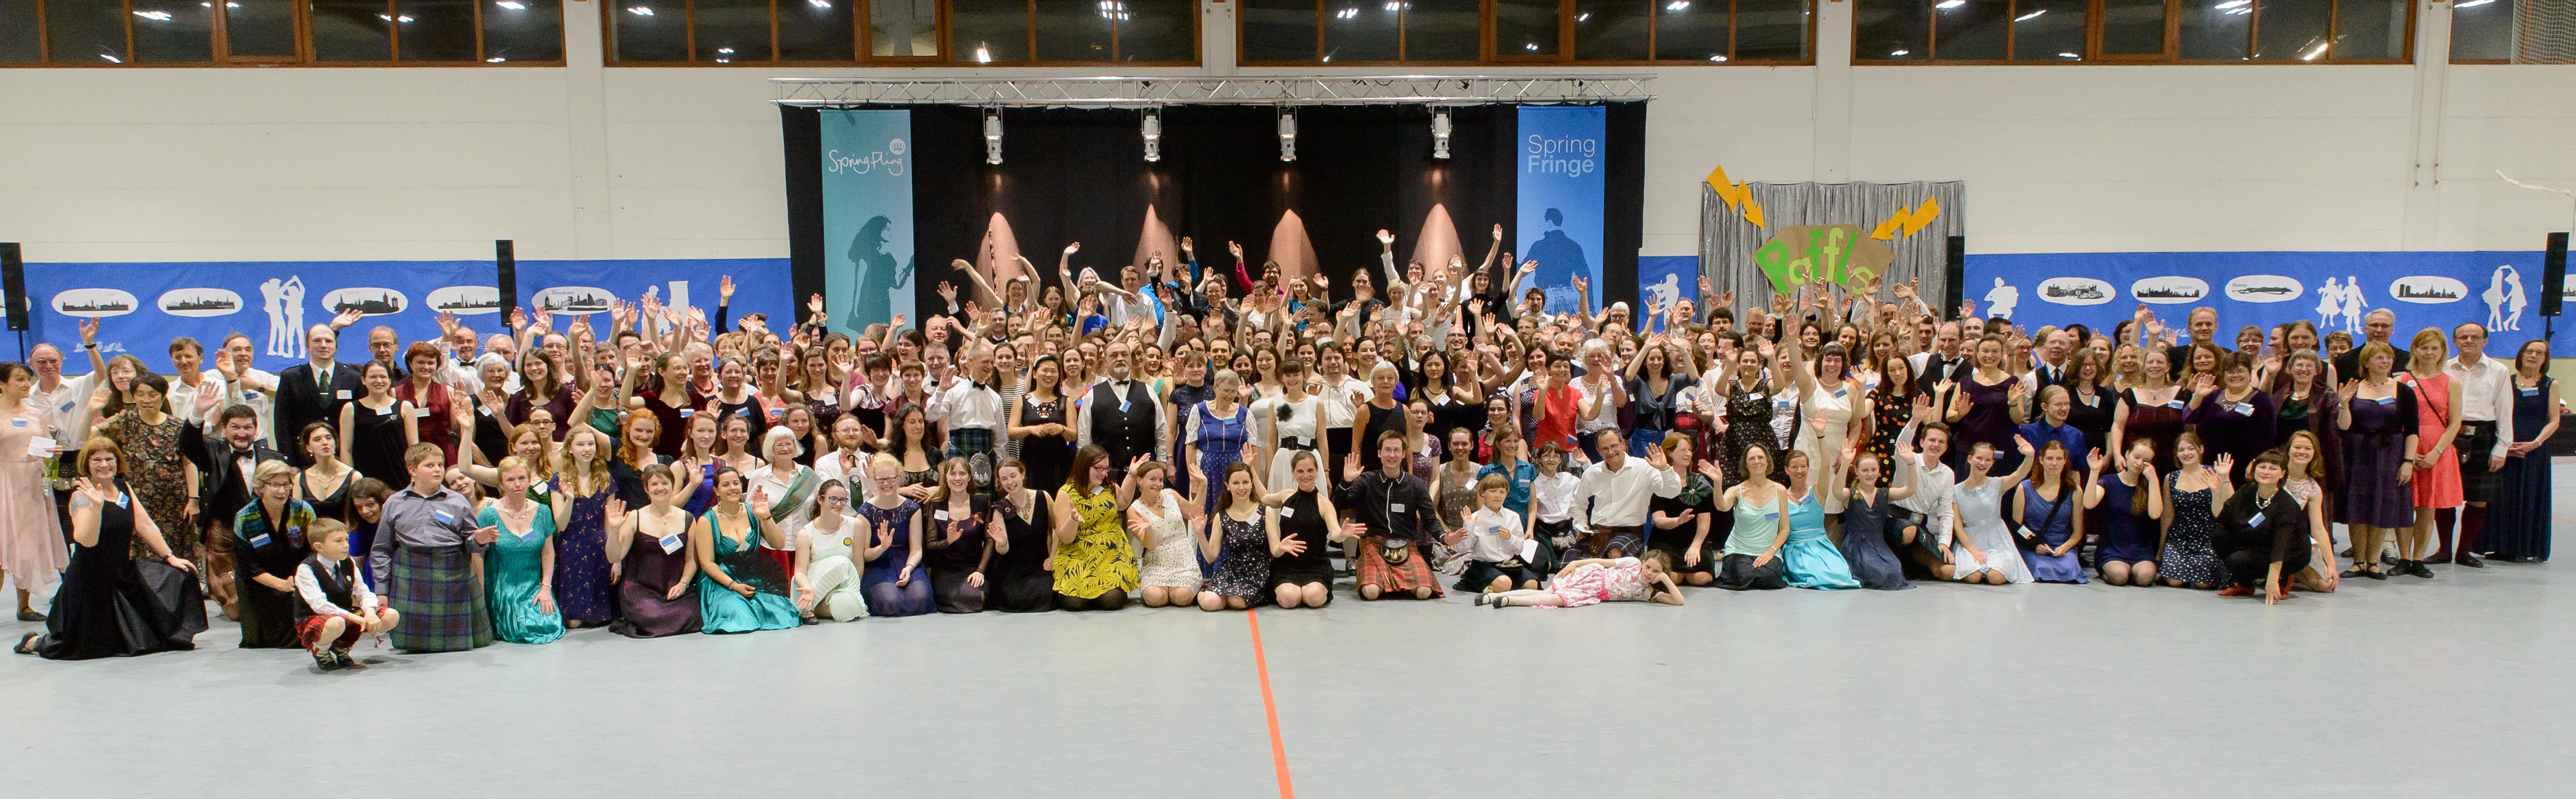 Spring Fling und Spring Fringe 2017 in Bonn